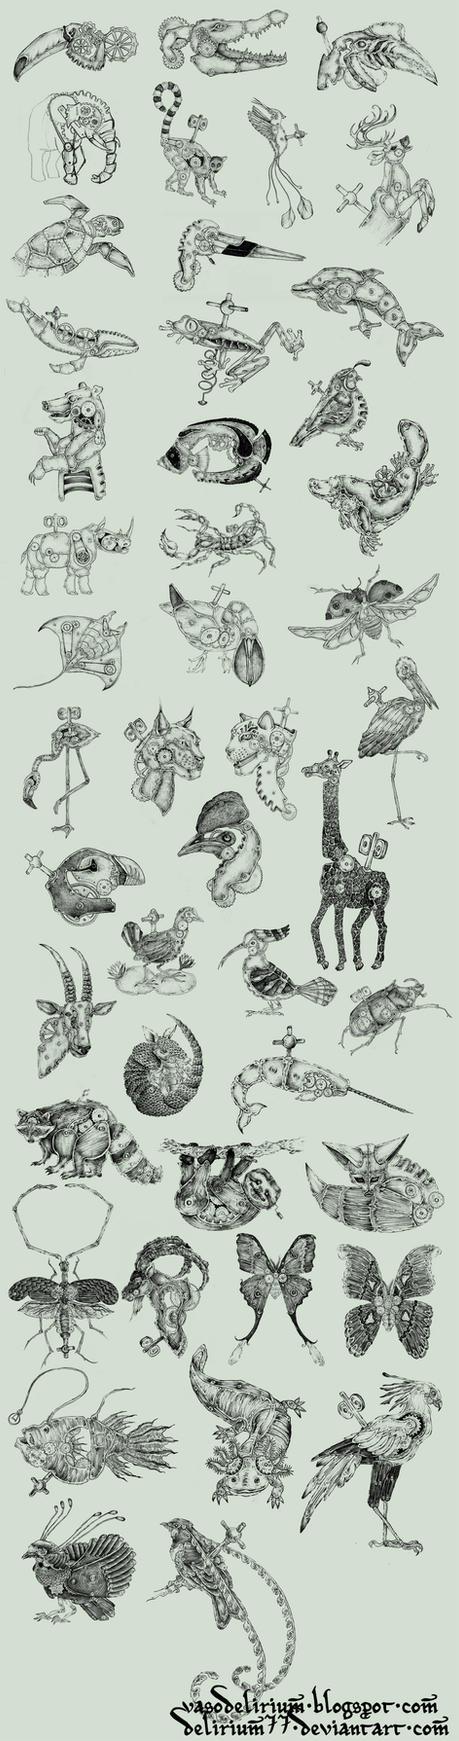 clockwork creatures by vasodelirium